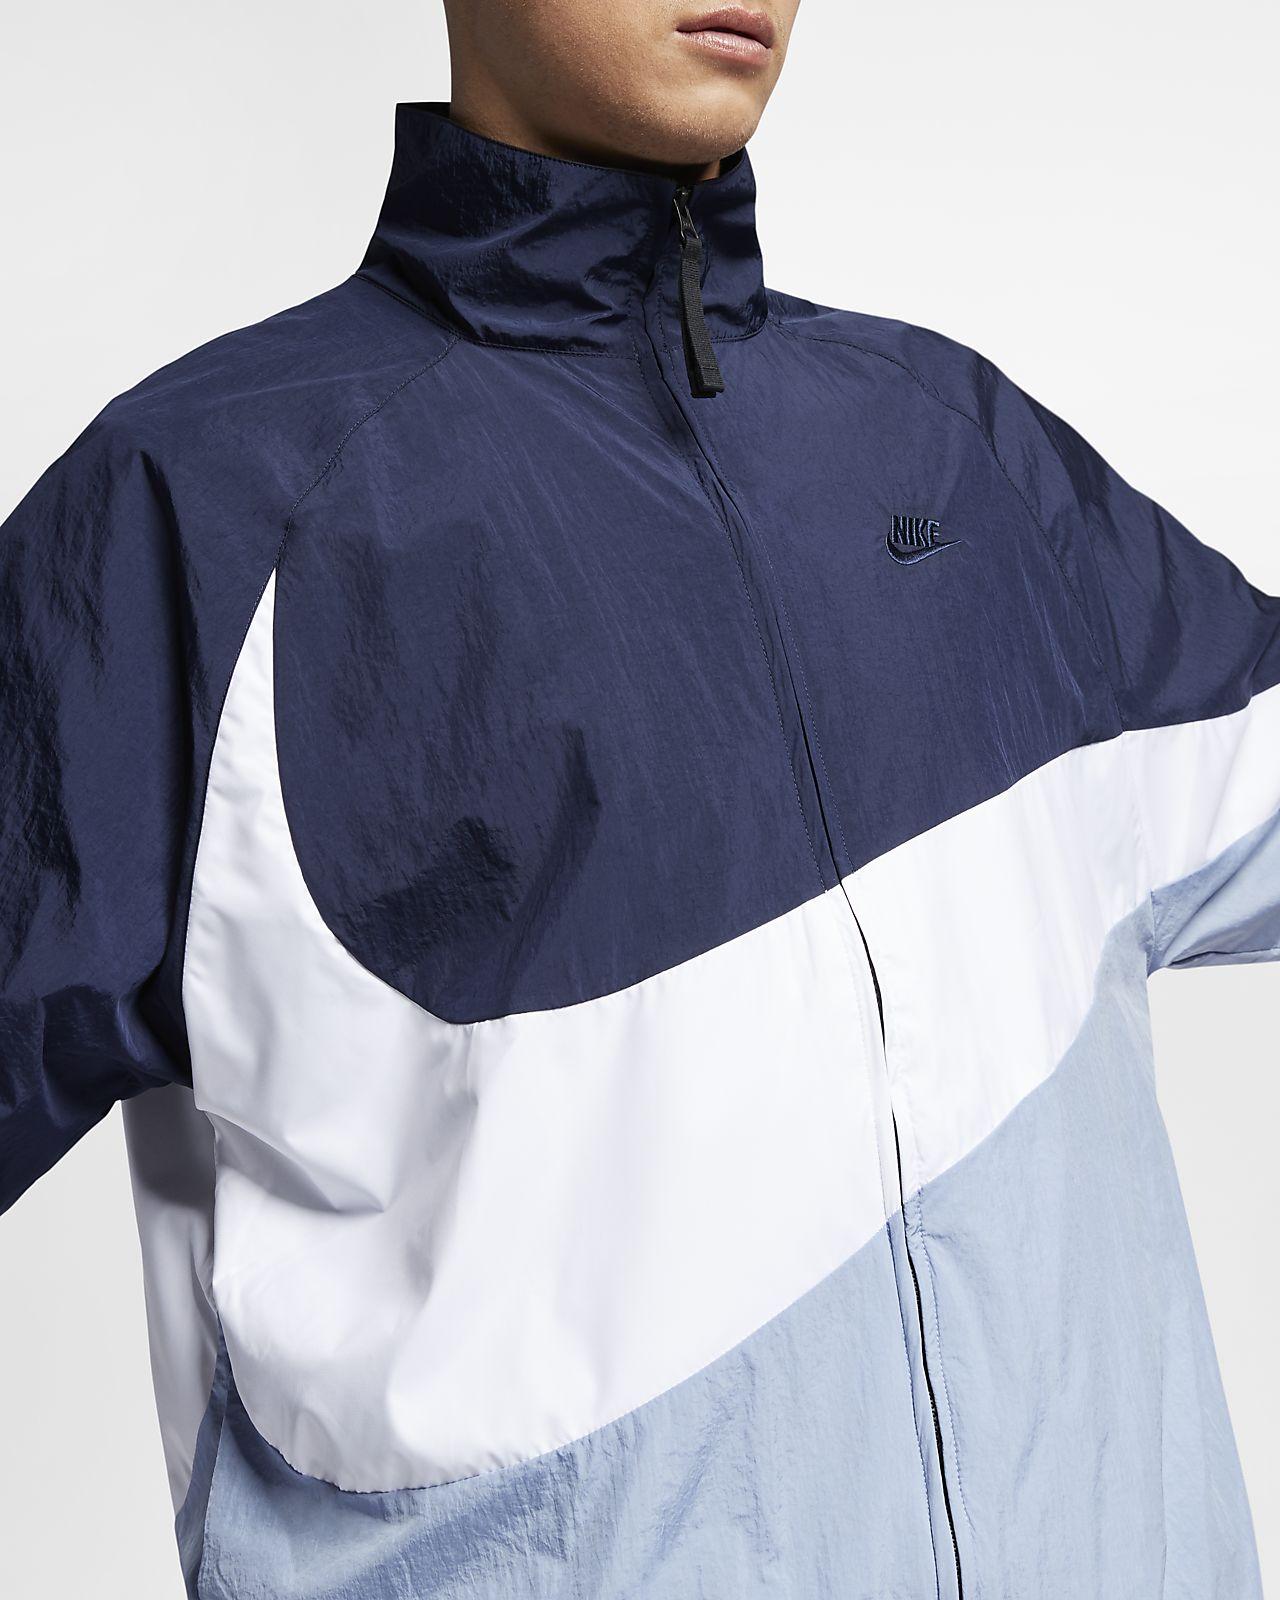 """Υφαντό αντιανεμικό Nike Sportswear """"Swoosh"""""""